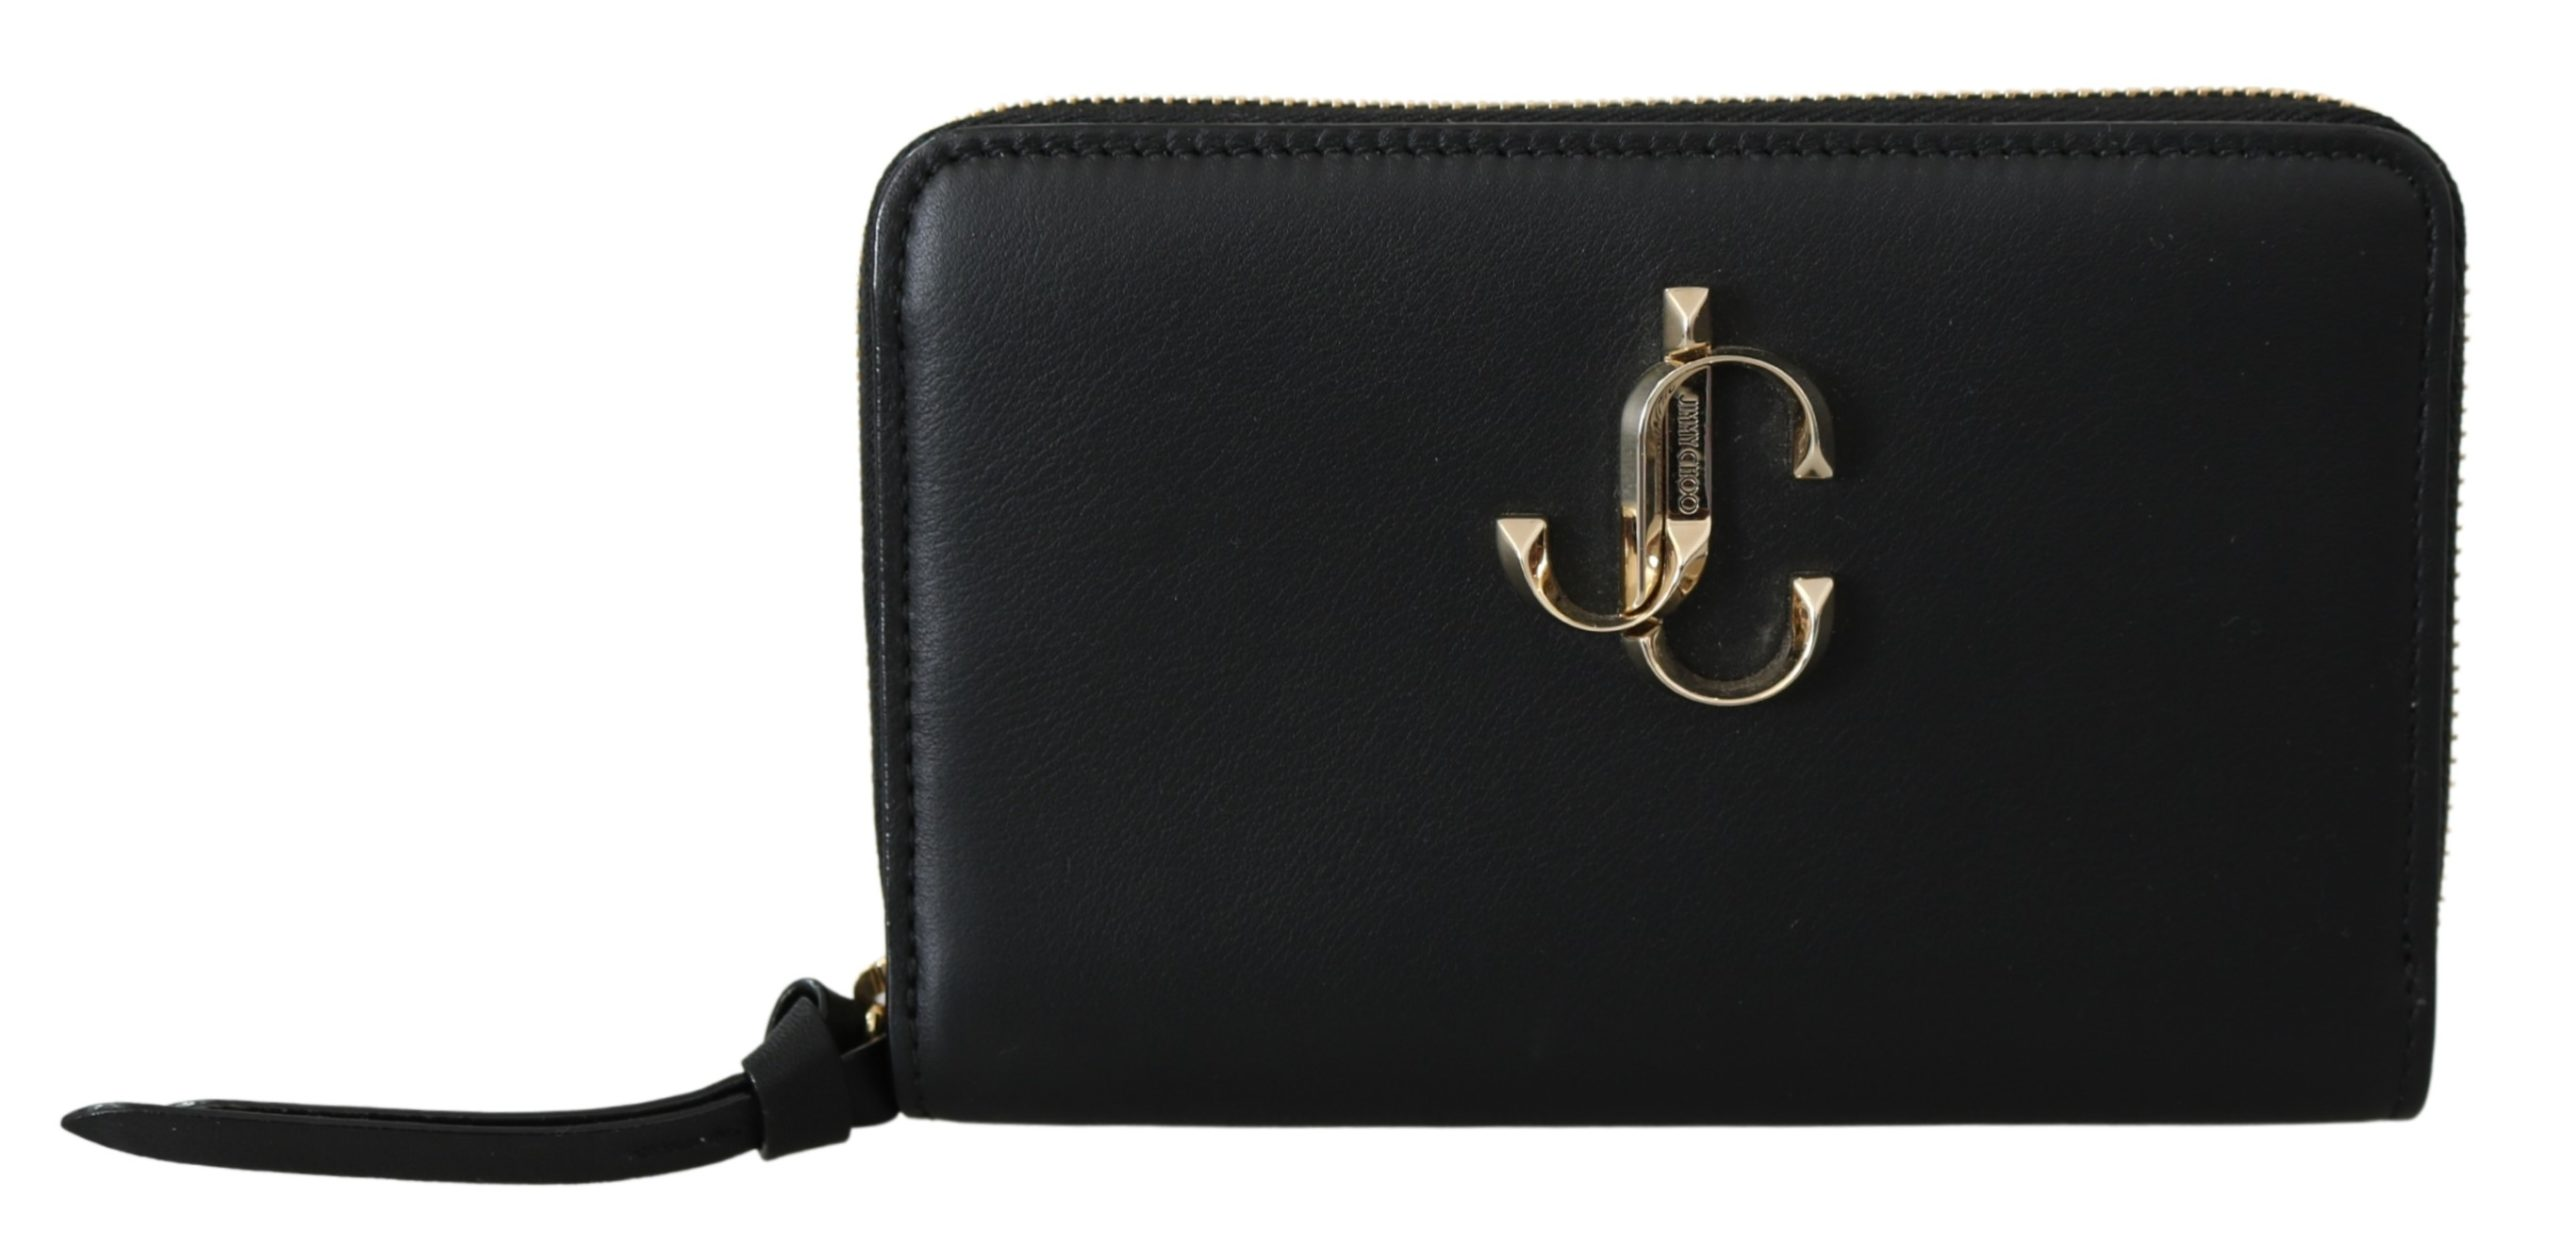 Jimmy Choo Women's Christie Wallet Black 1435925